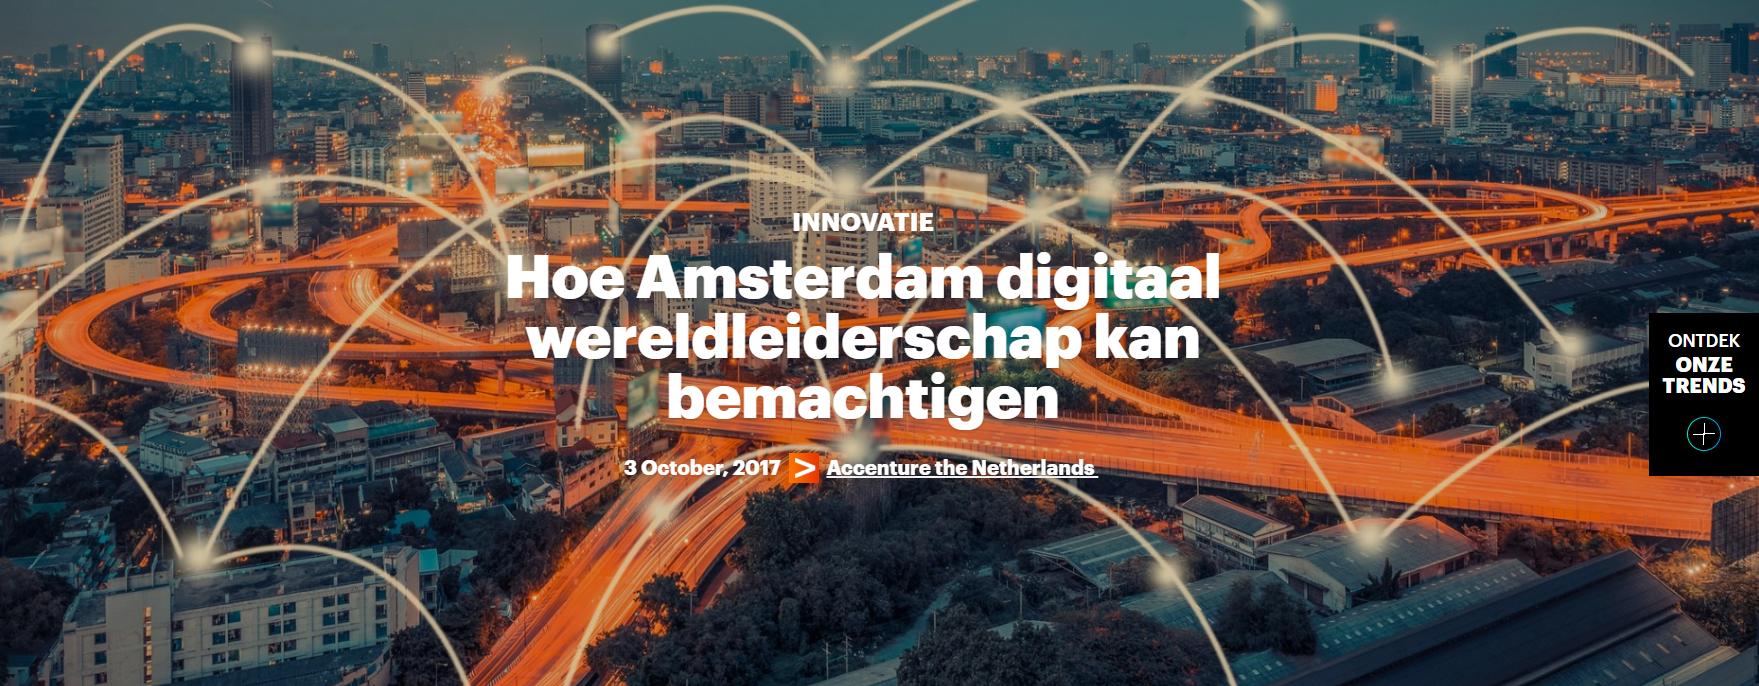 Amsterdam kan digitaal wereldleiderschap bemachtigen